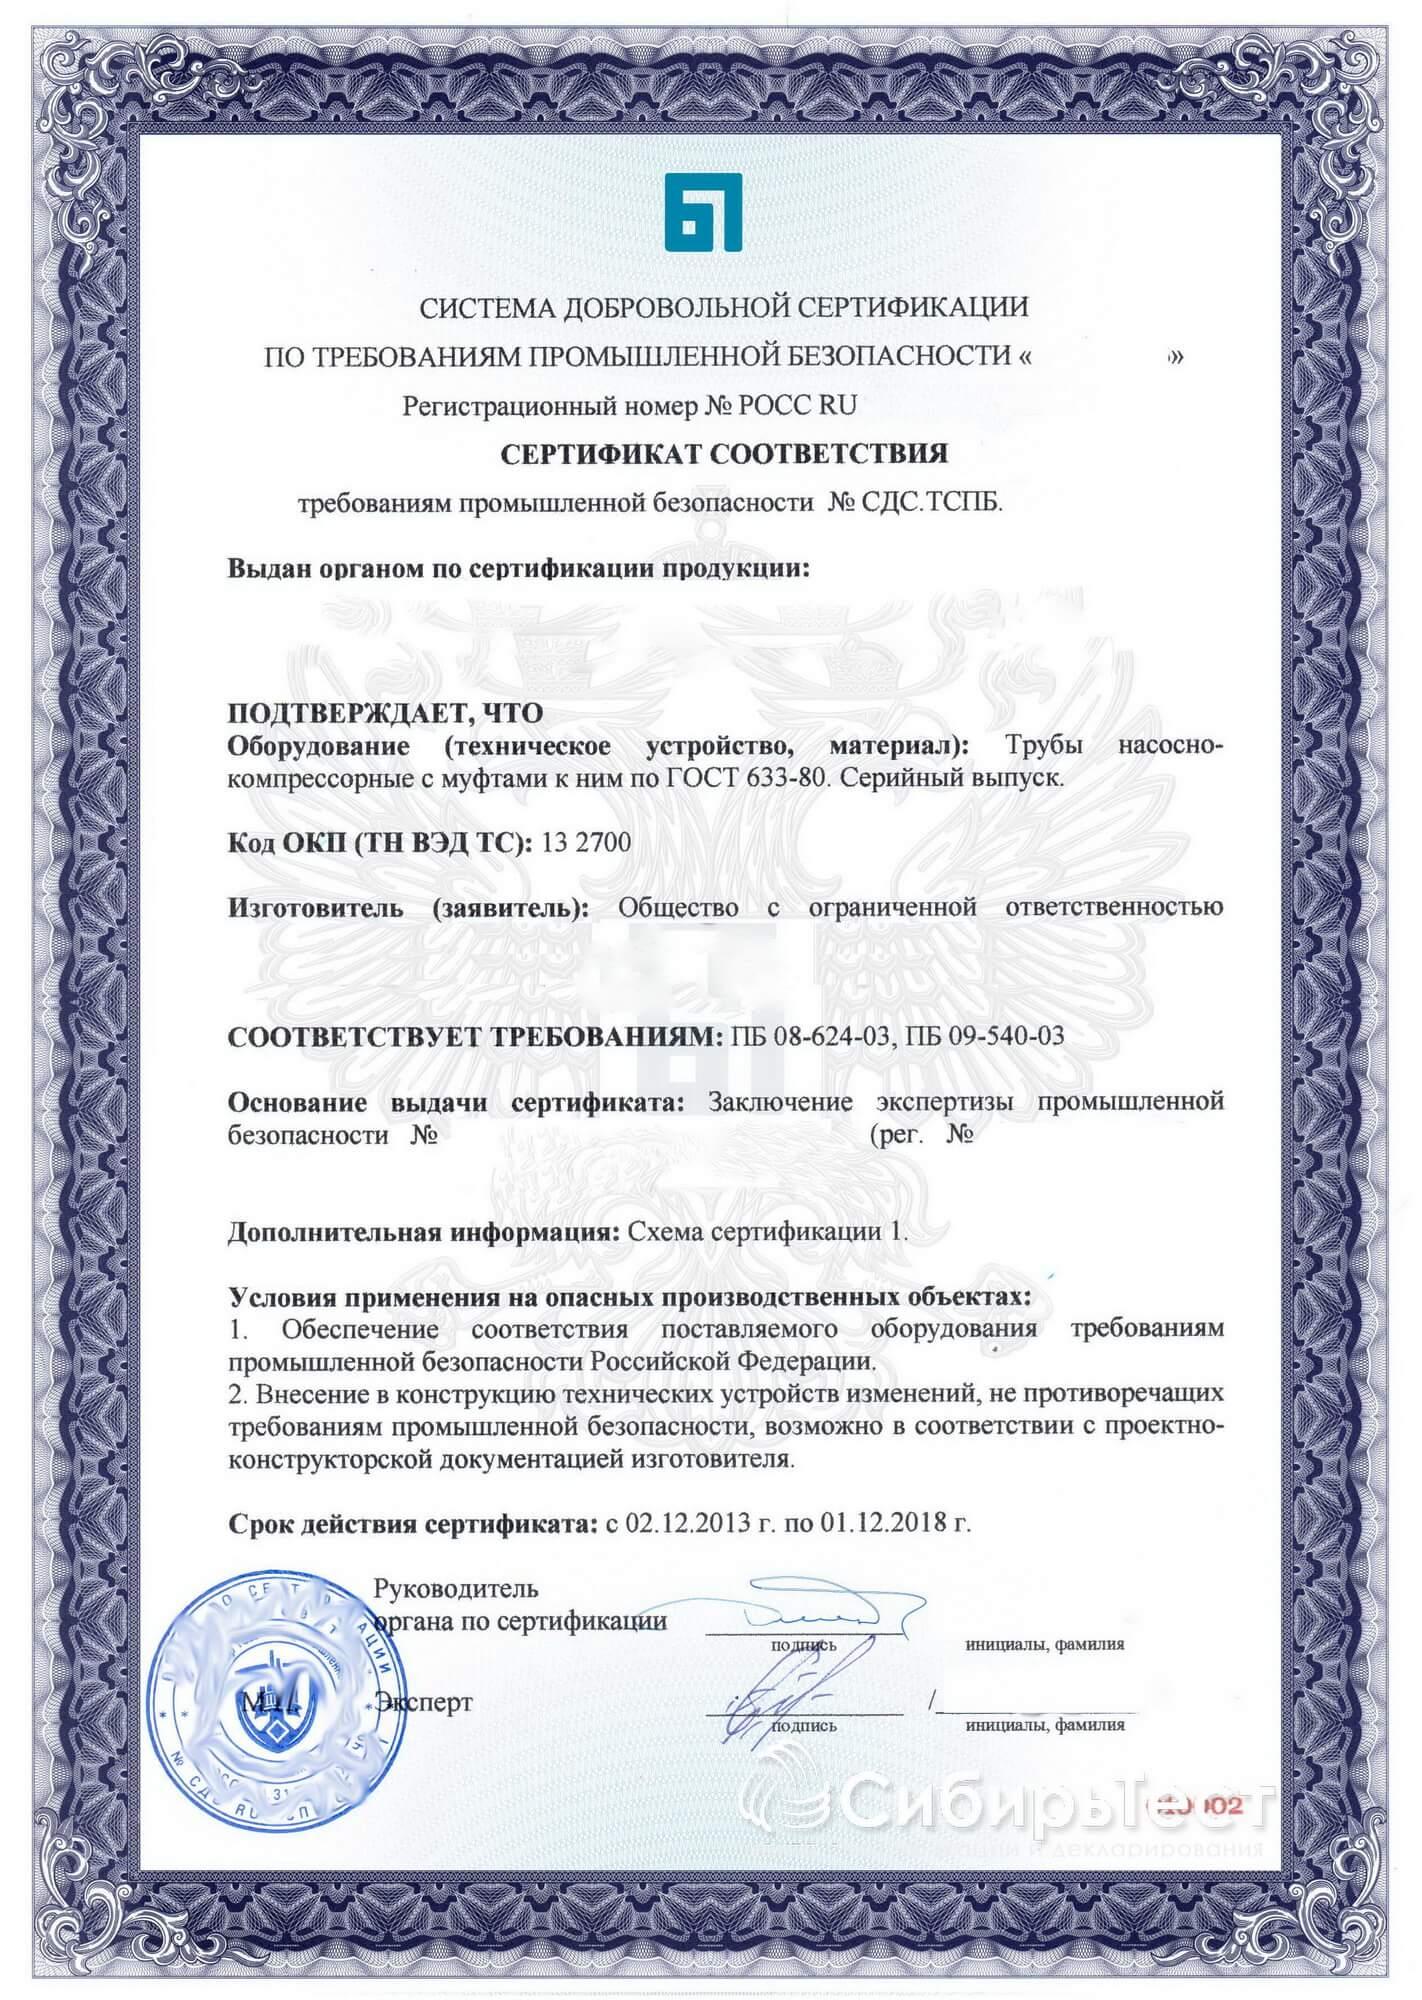 Экспертиза и сертификация игрушек сертификация в геодезии и картографии